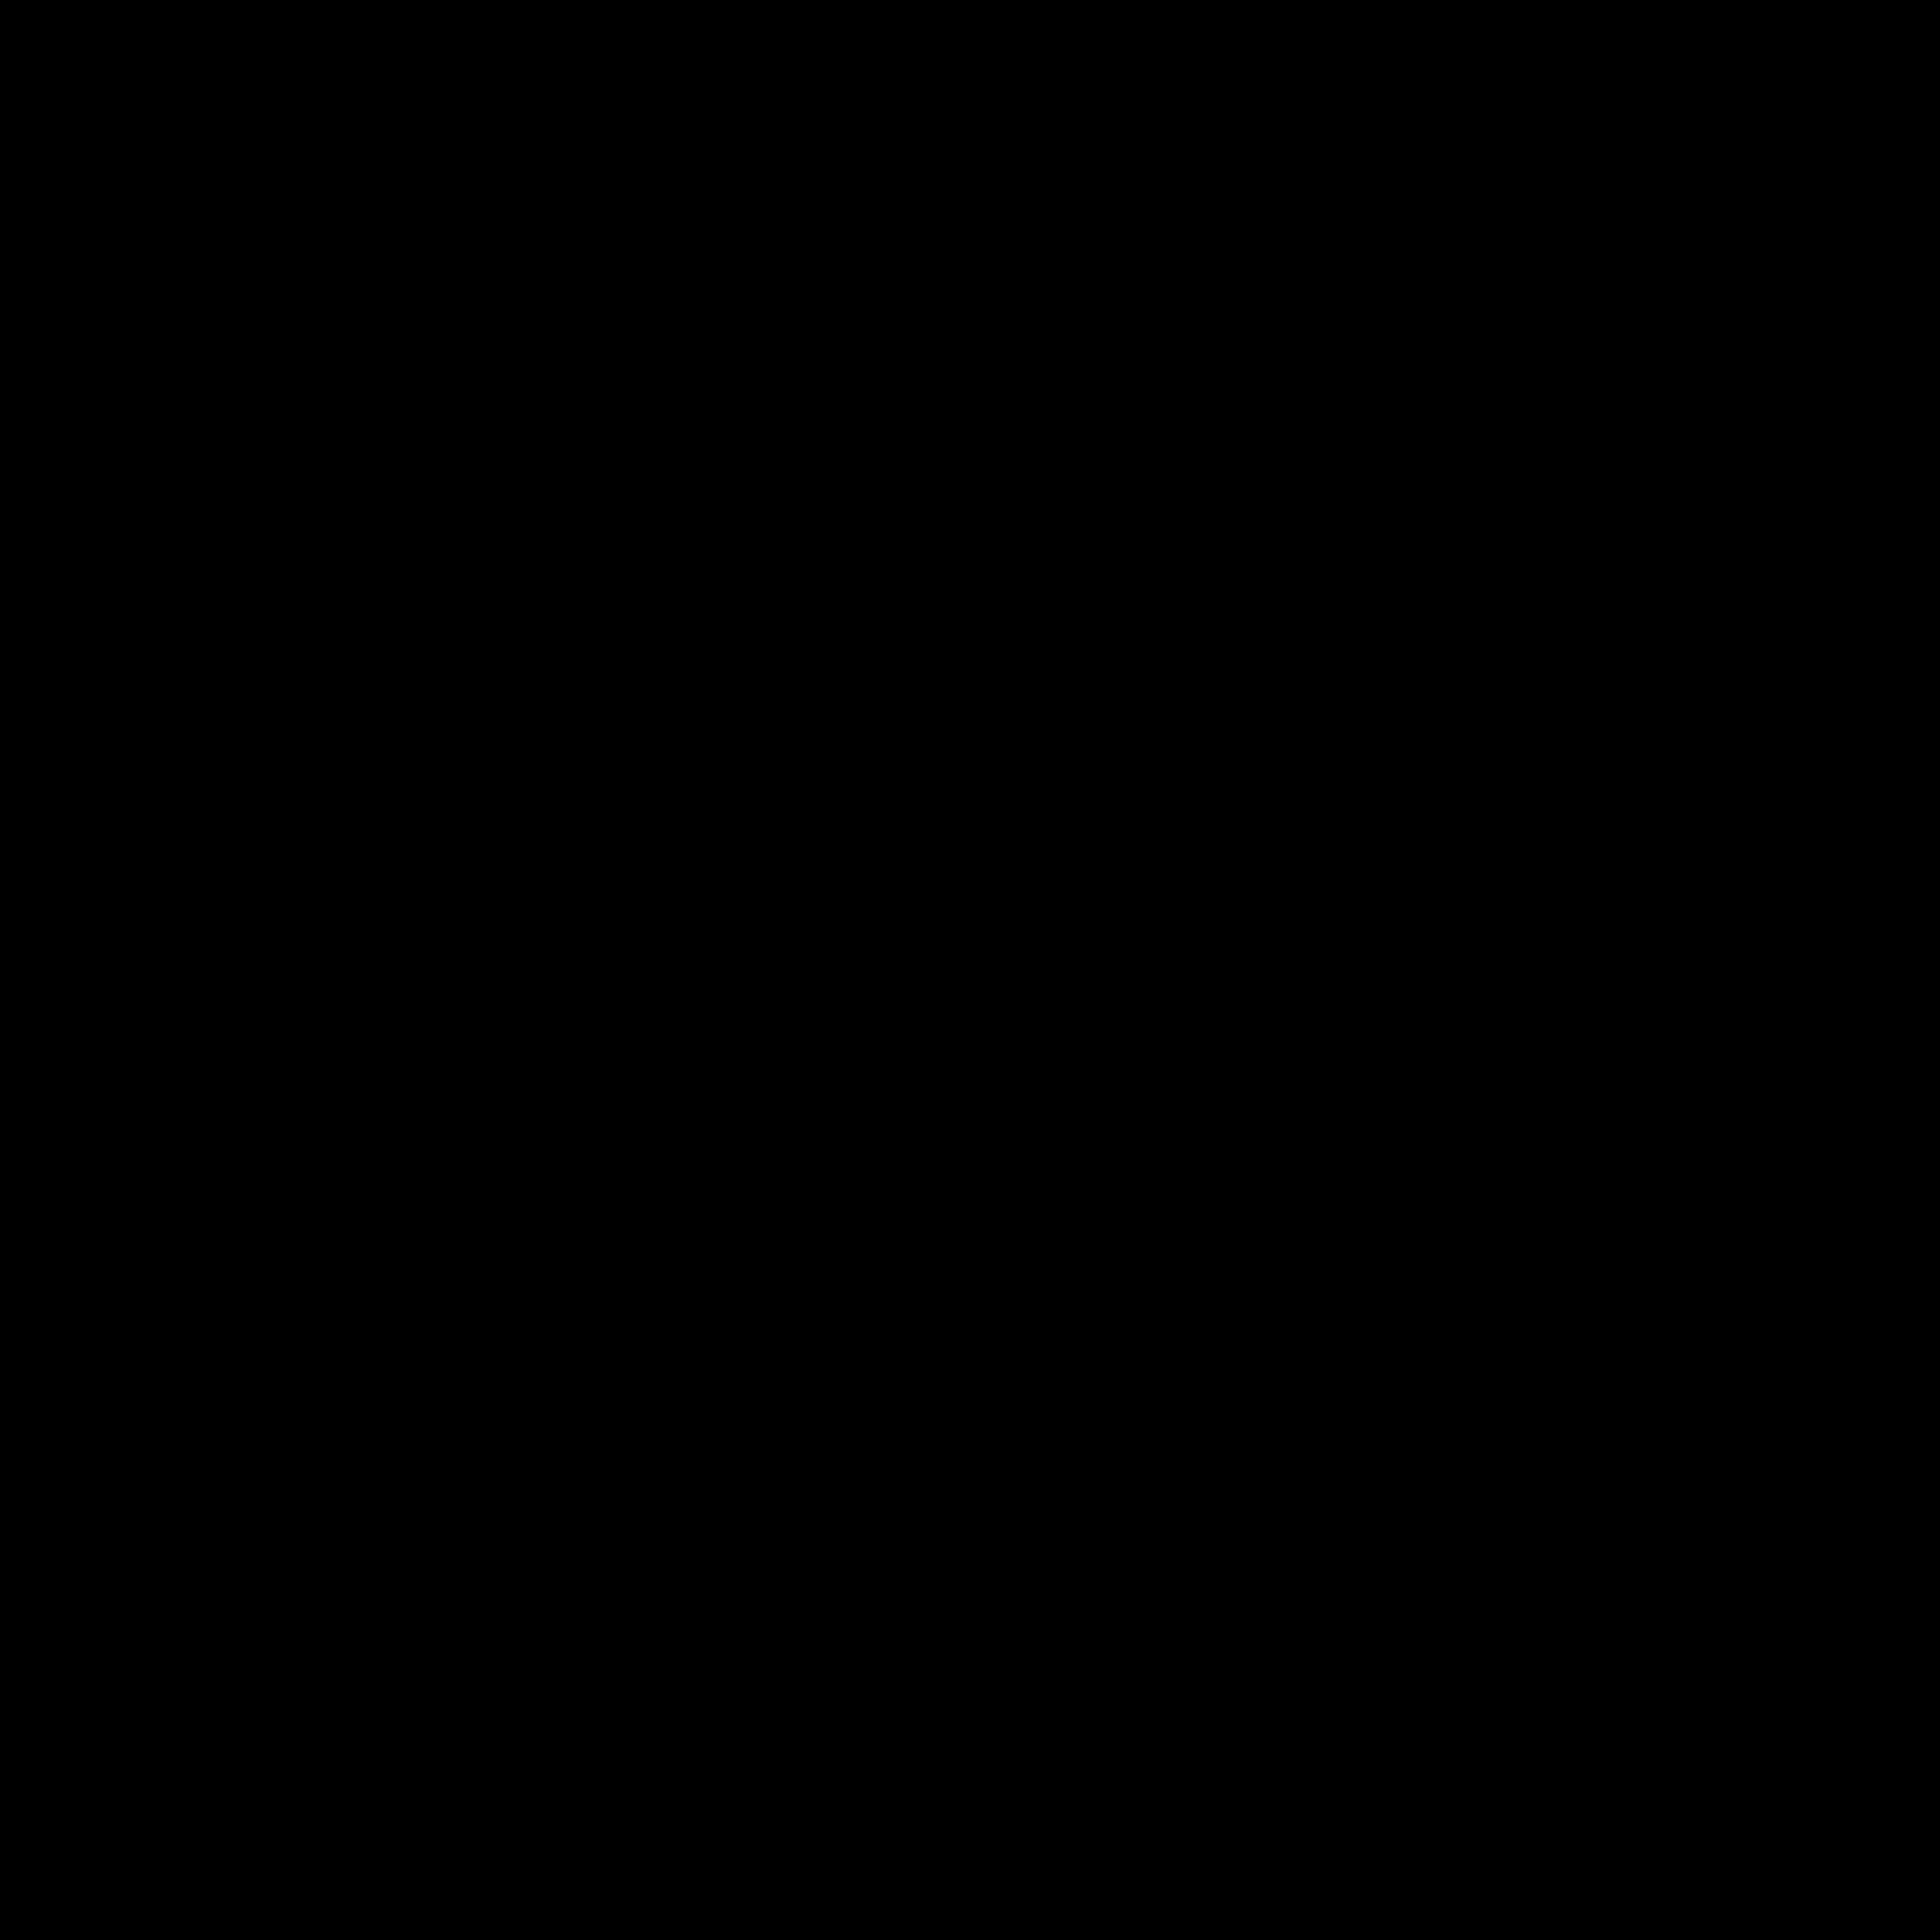 Logo quiksilver rare photo